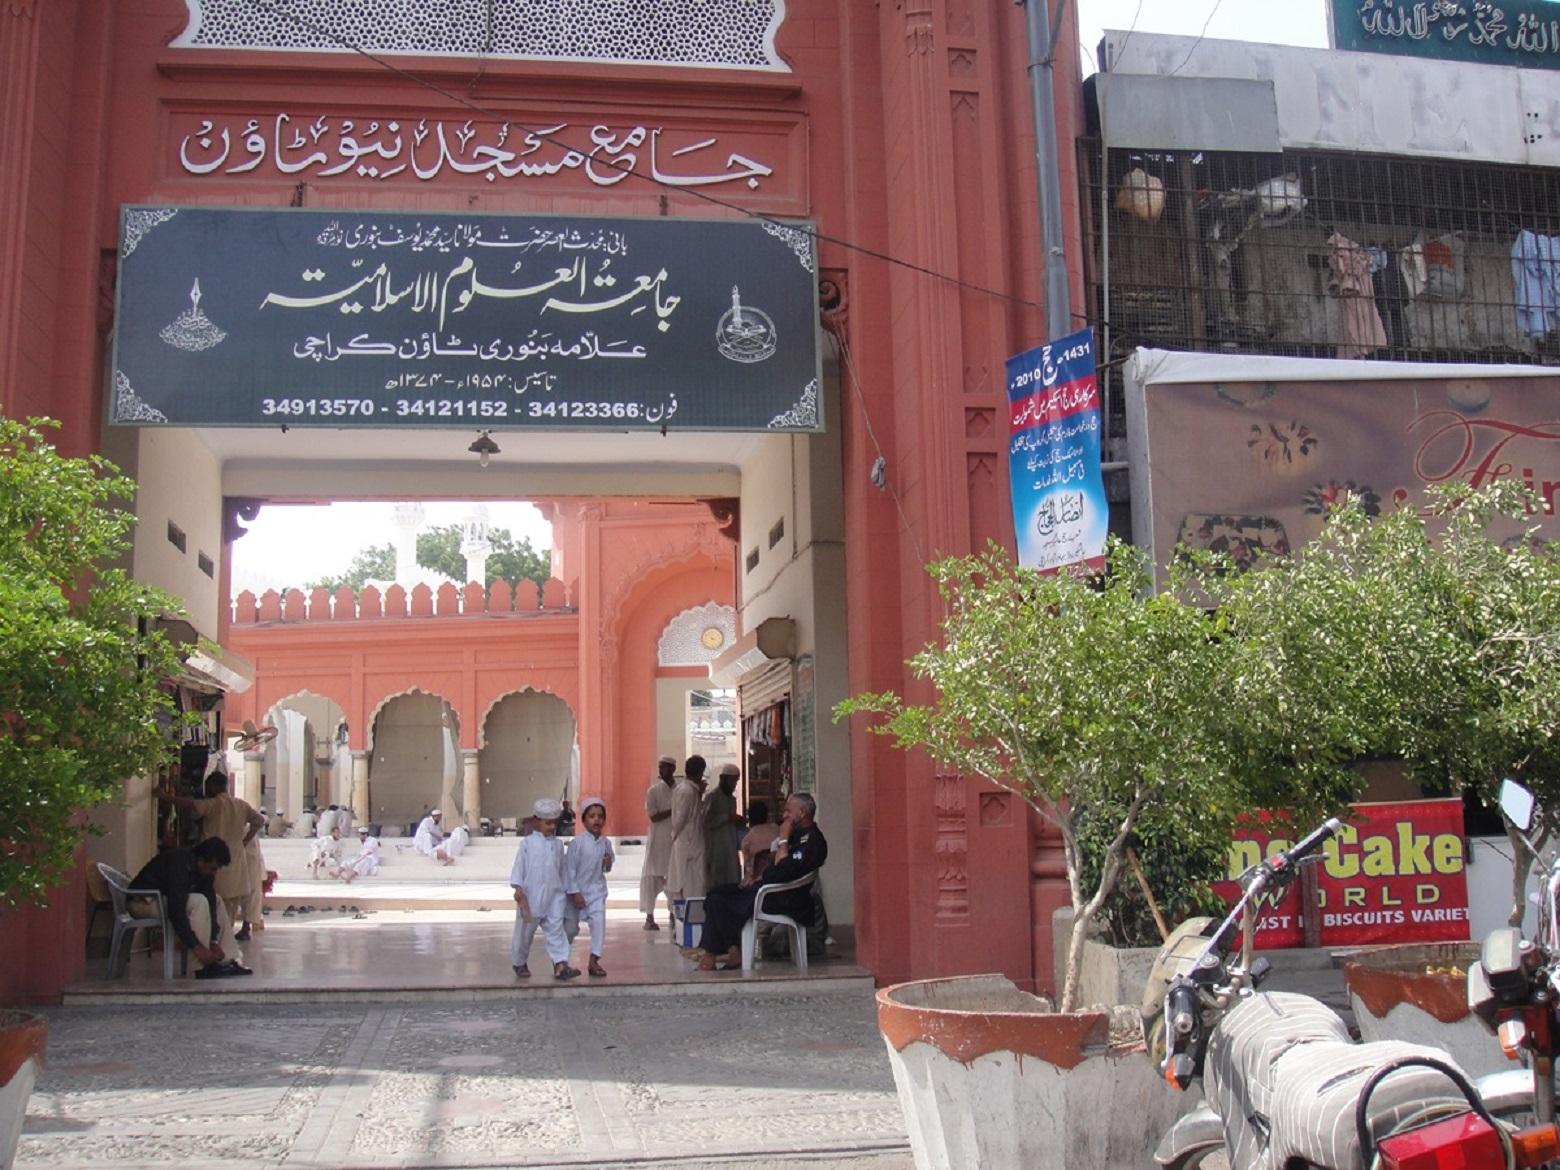 سندھ میں ریکارڈ تعداد میں مدارس کی بندش